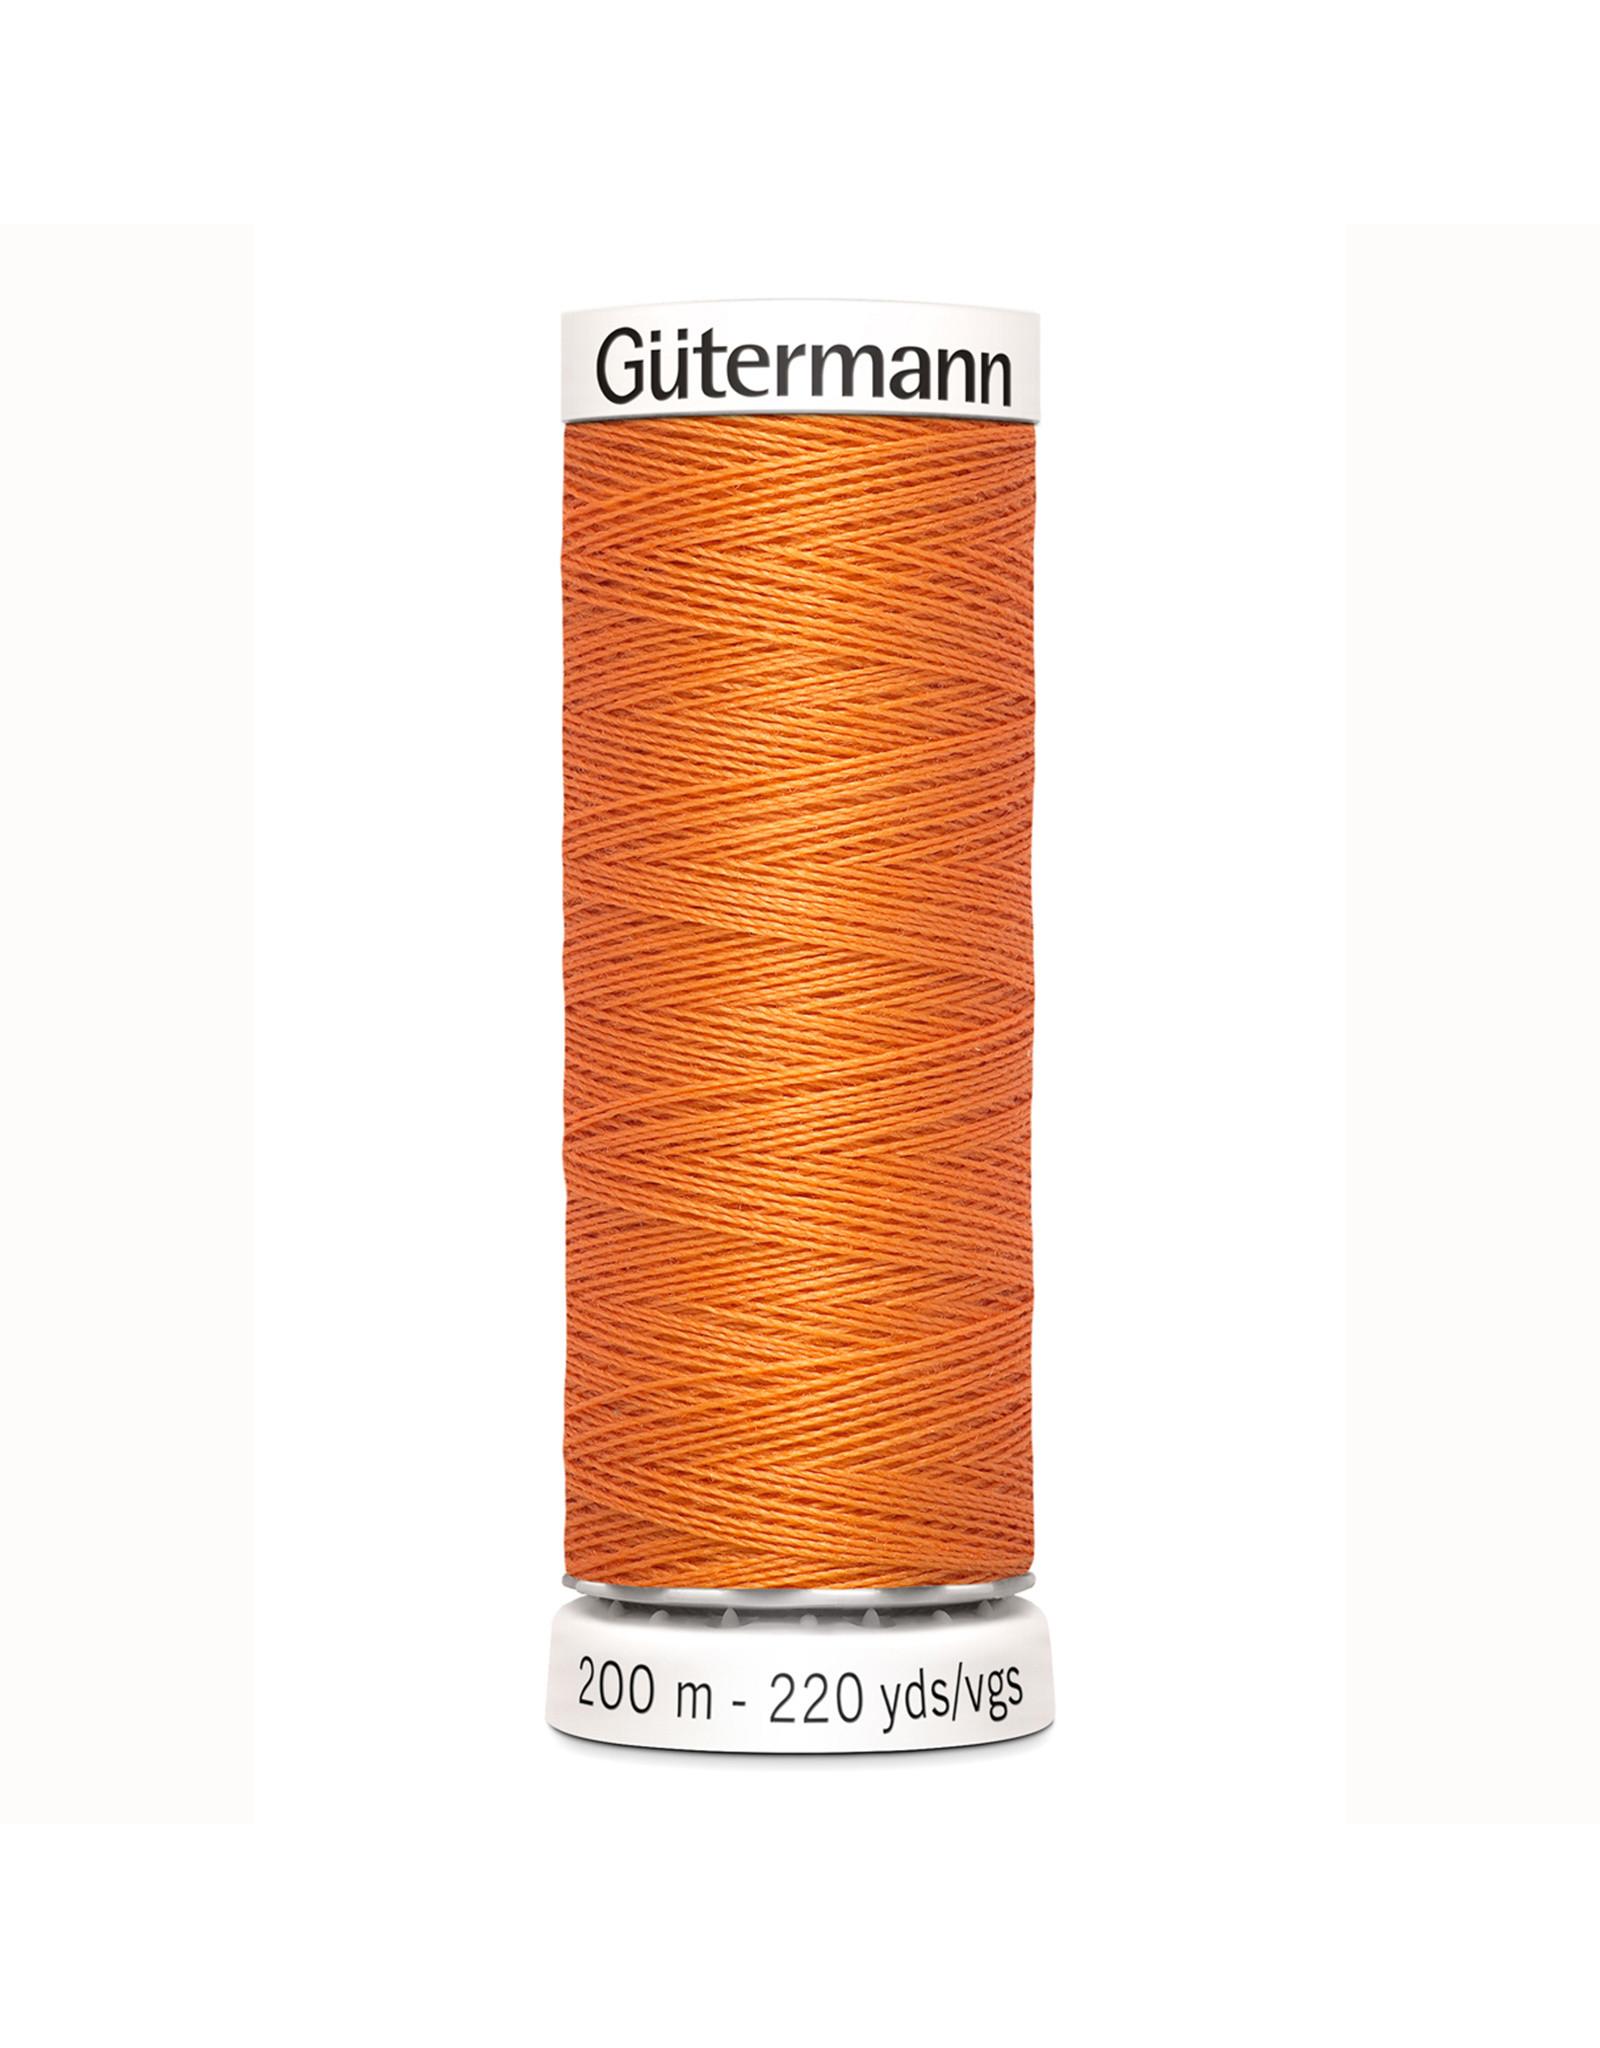 Gütermann Gütermann Nähgarn 200 m - nr 285